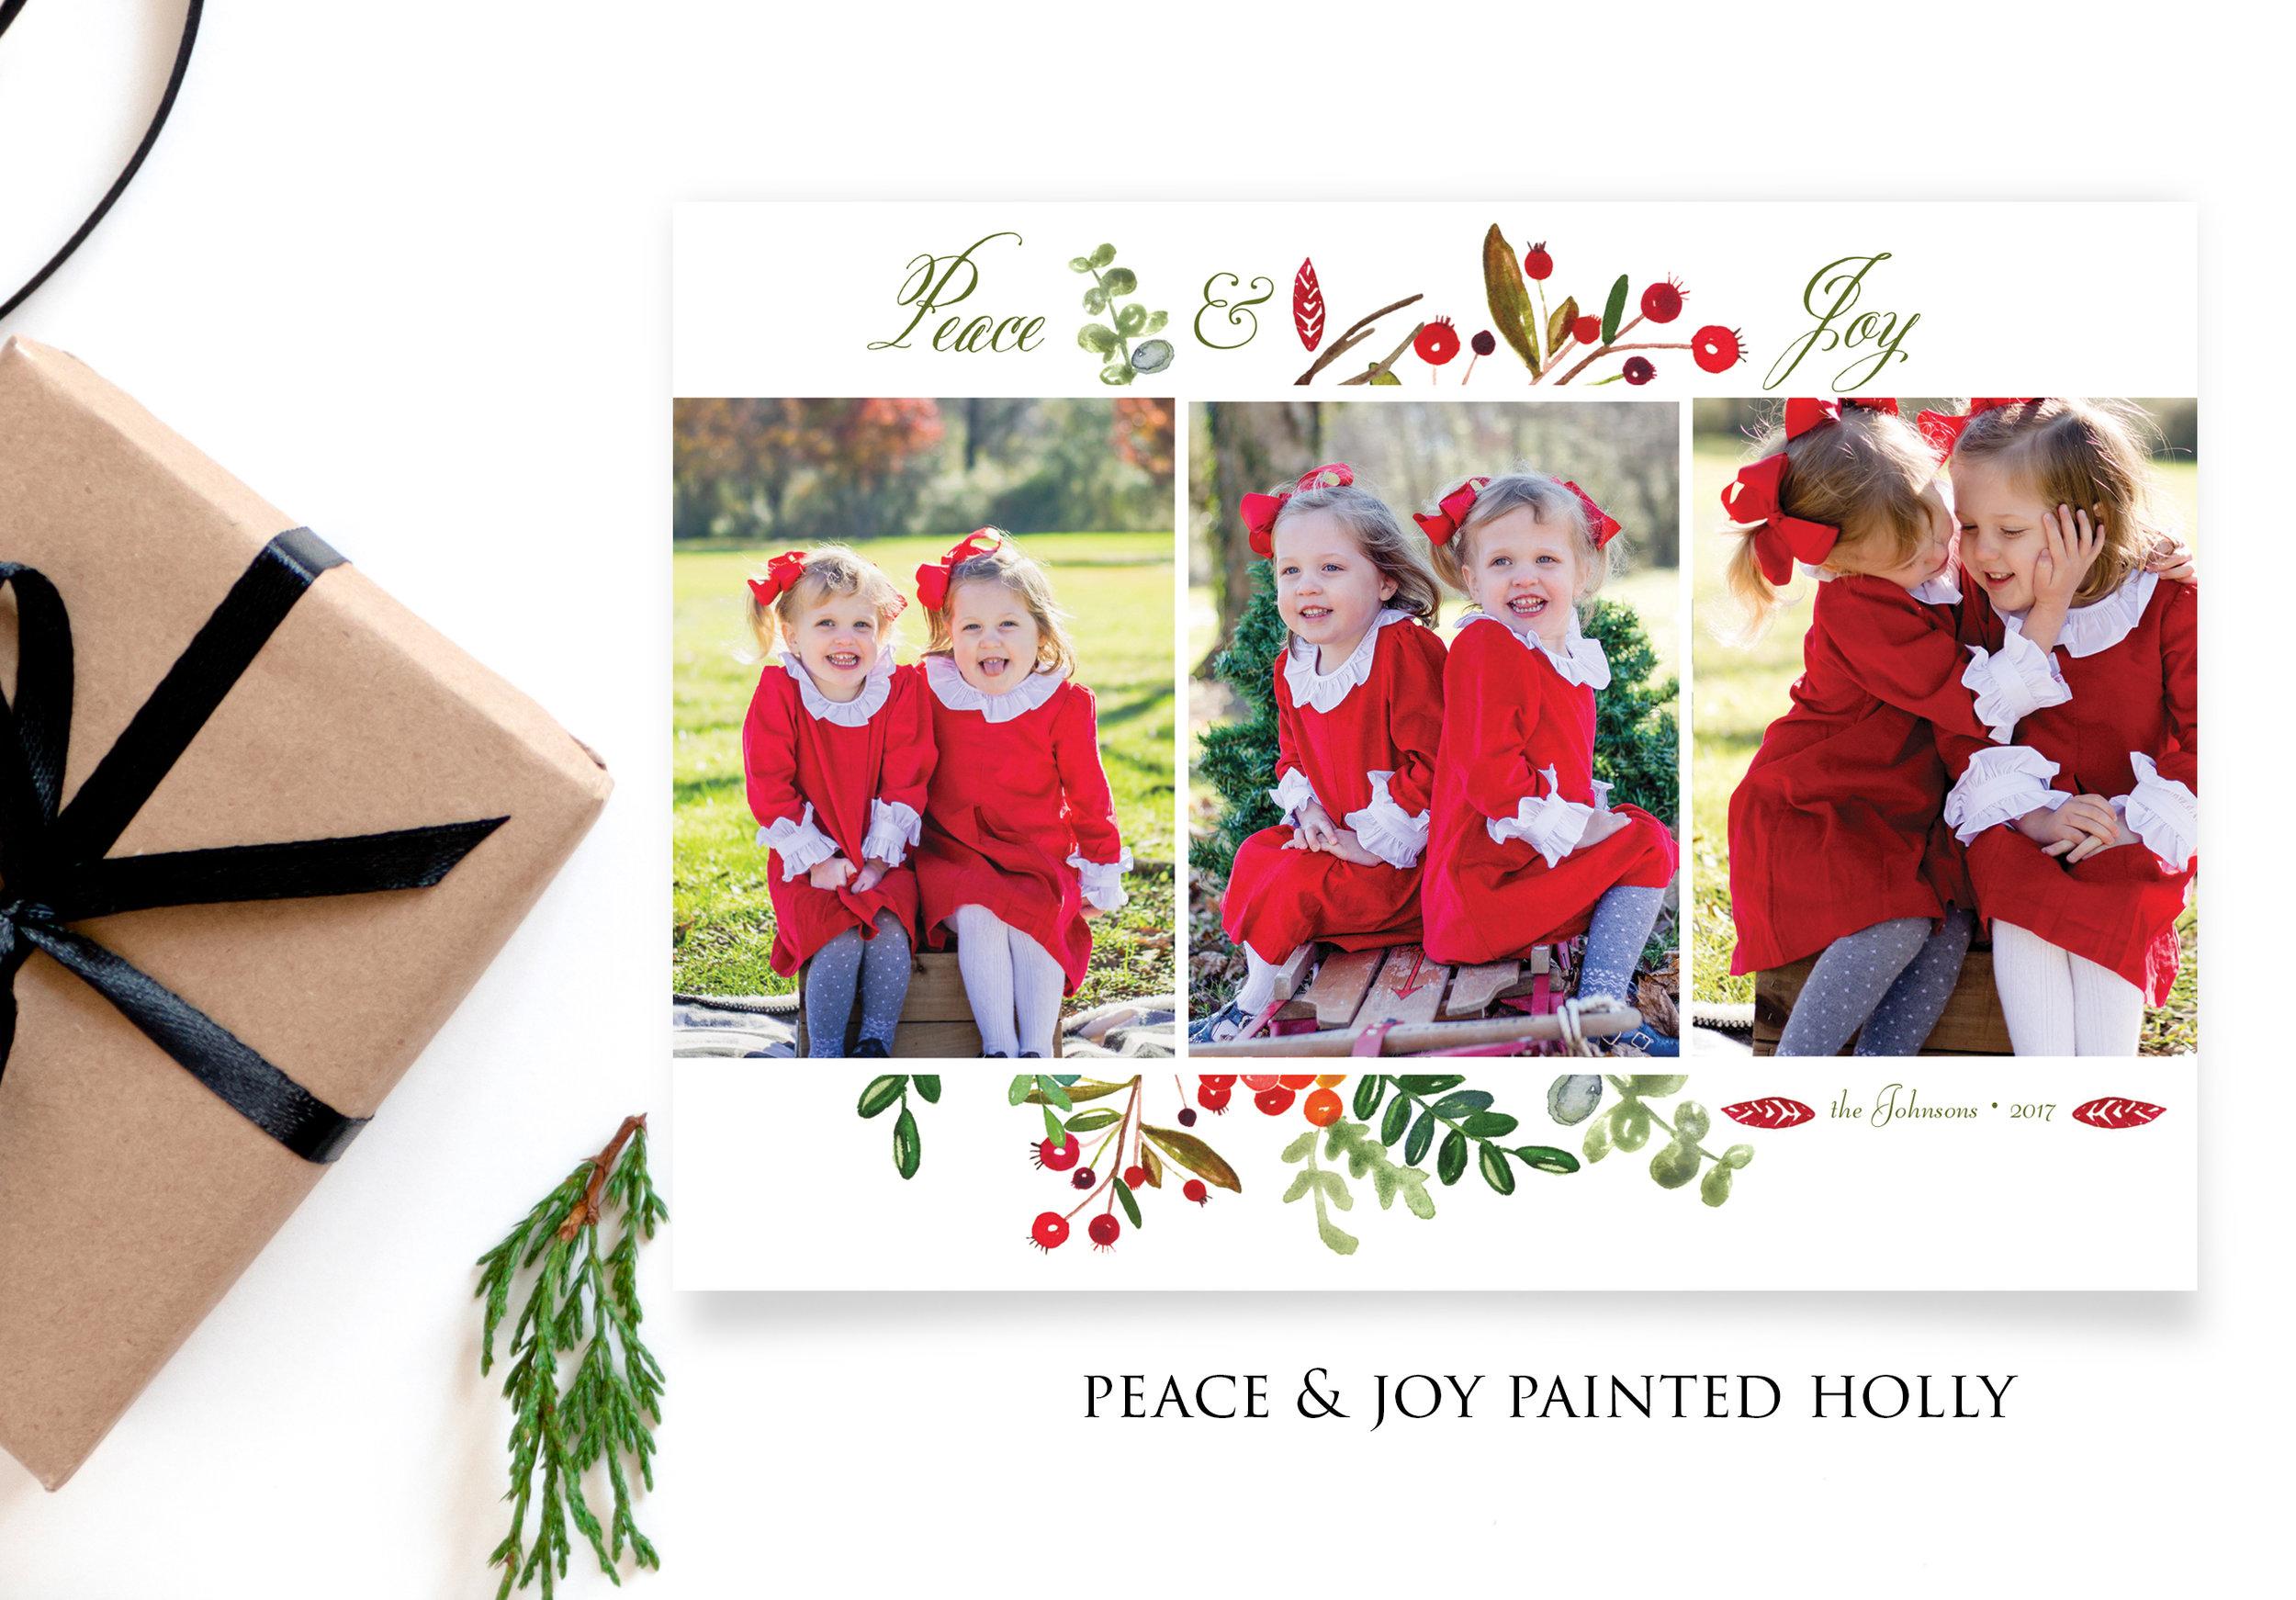 Peace&JoyPaintedHolly.jpg